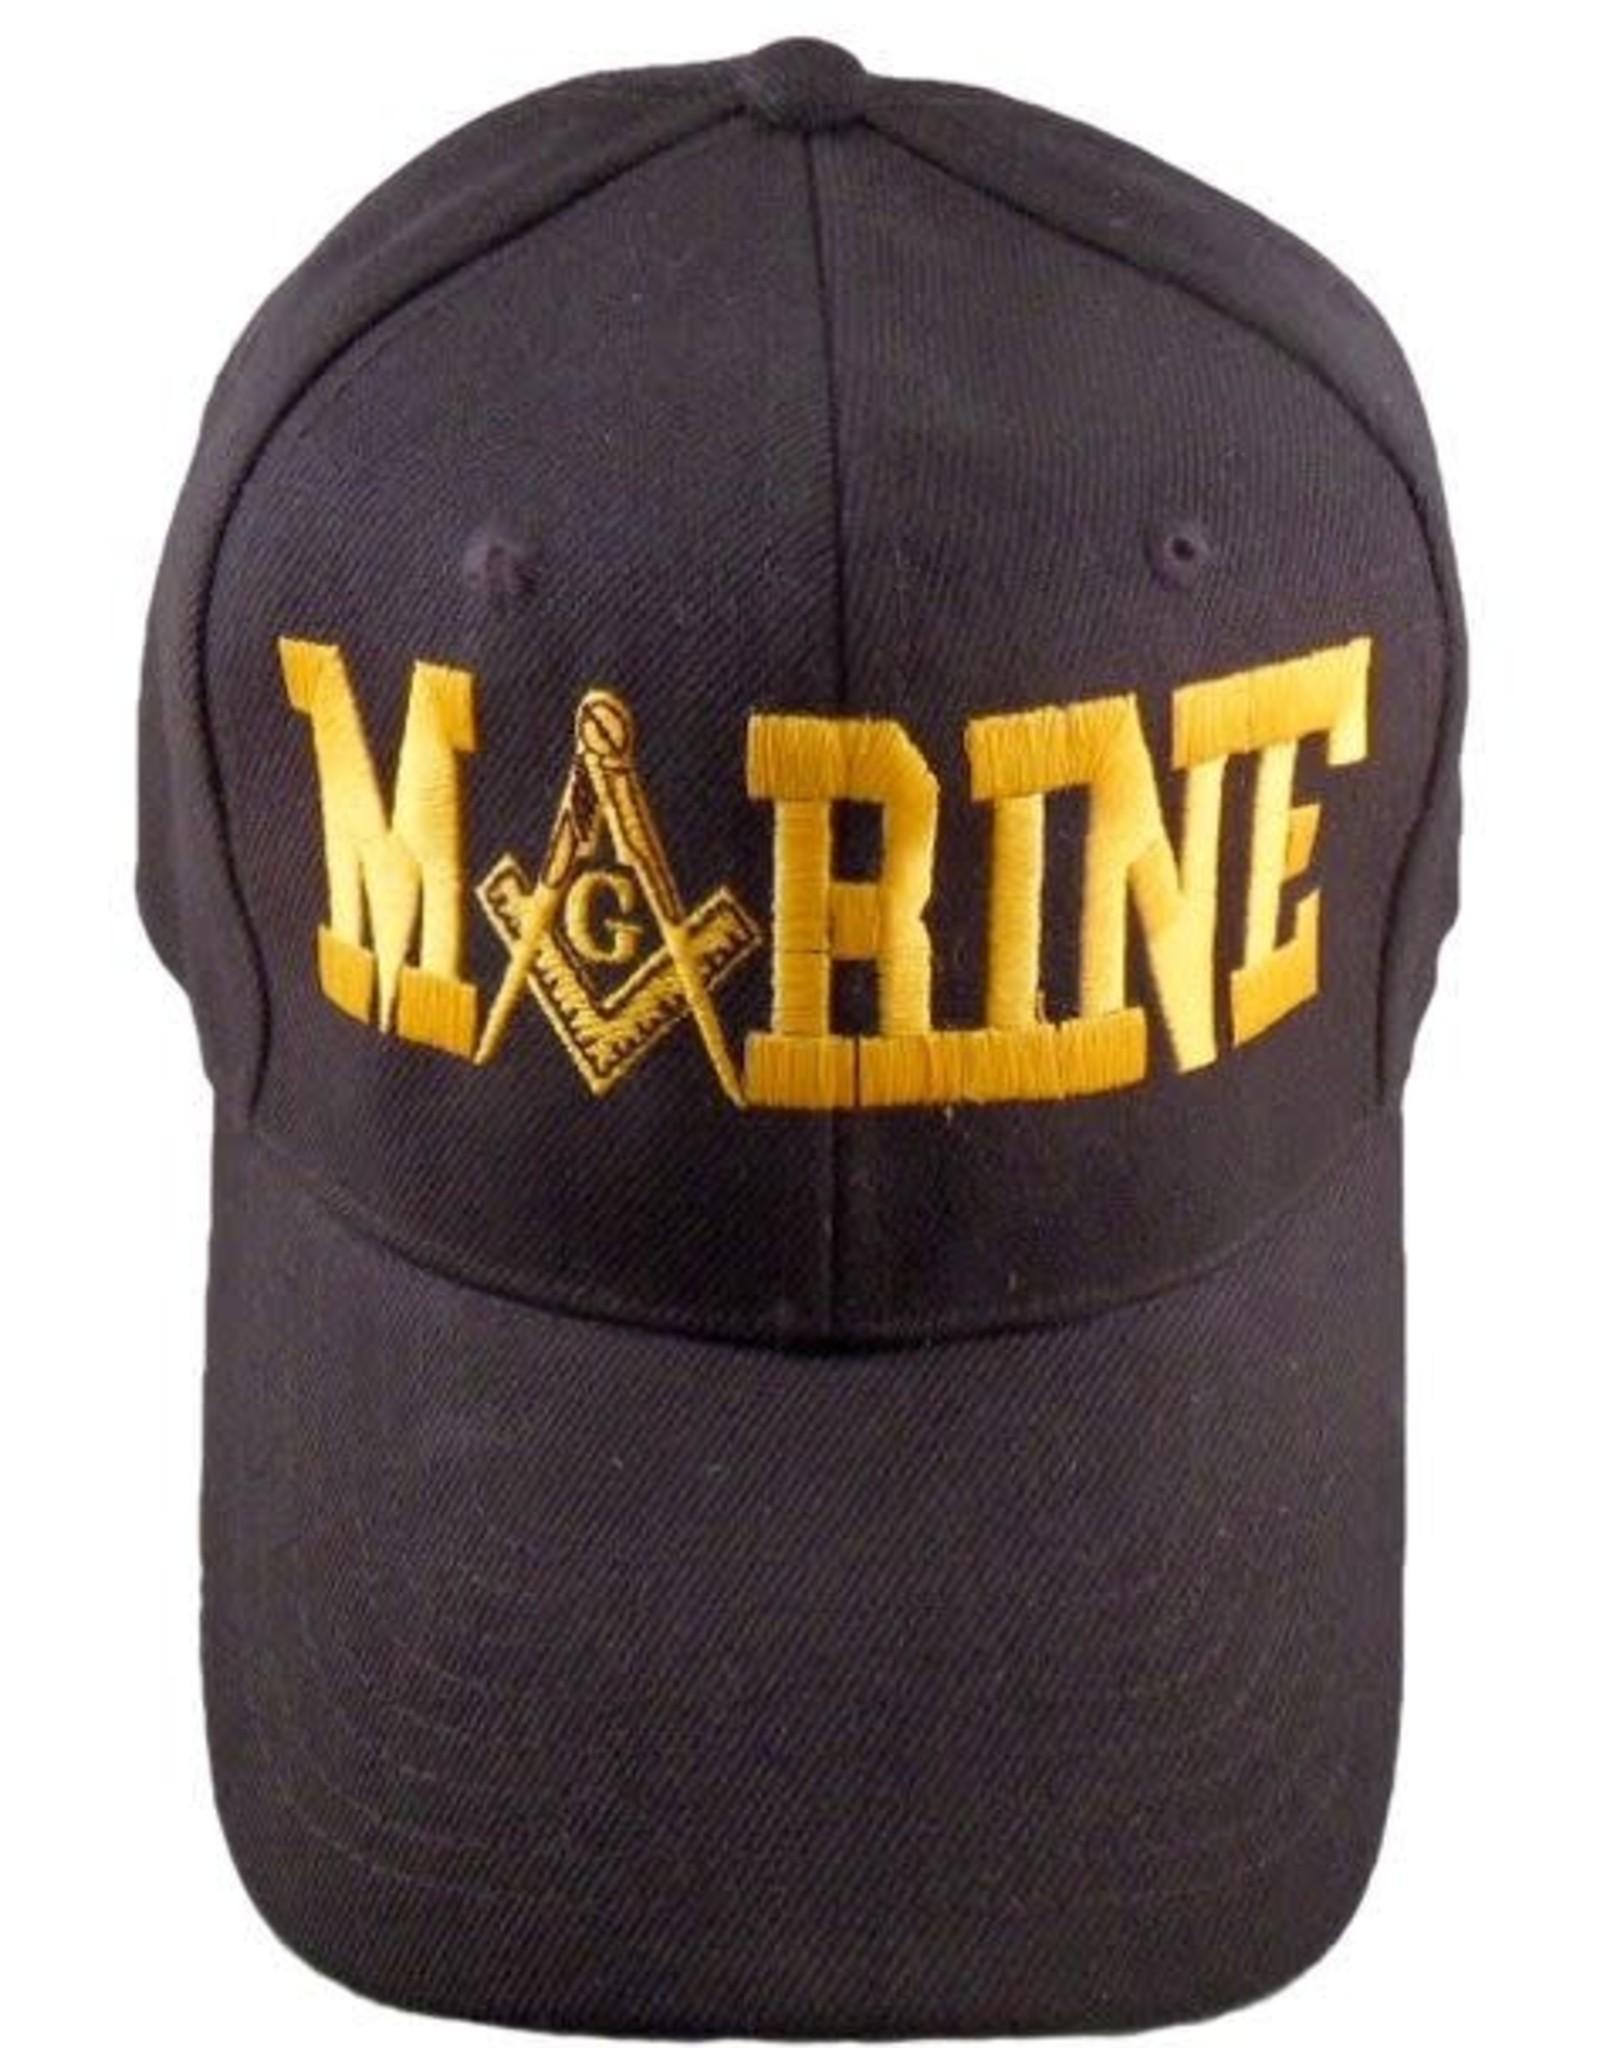 MidMil Mason Emblem M 'A' RINE Hat Black